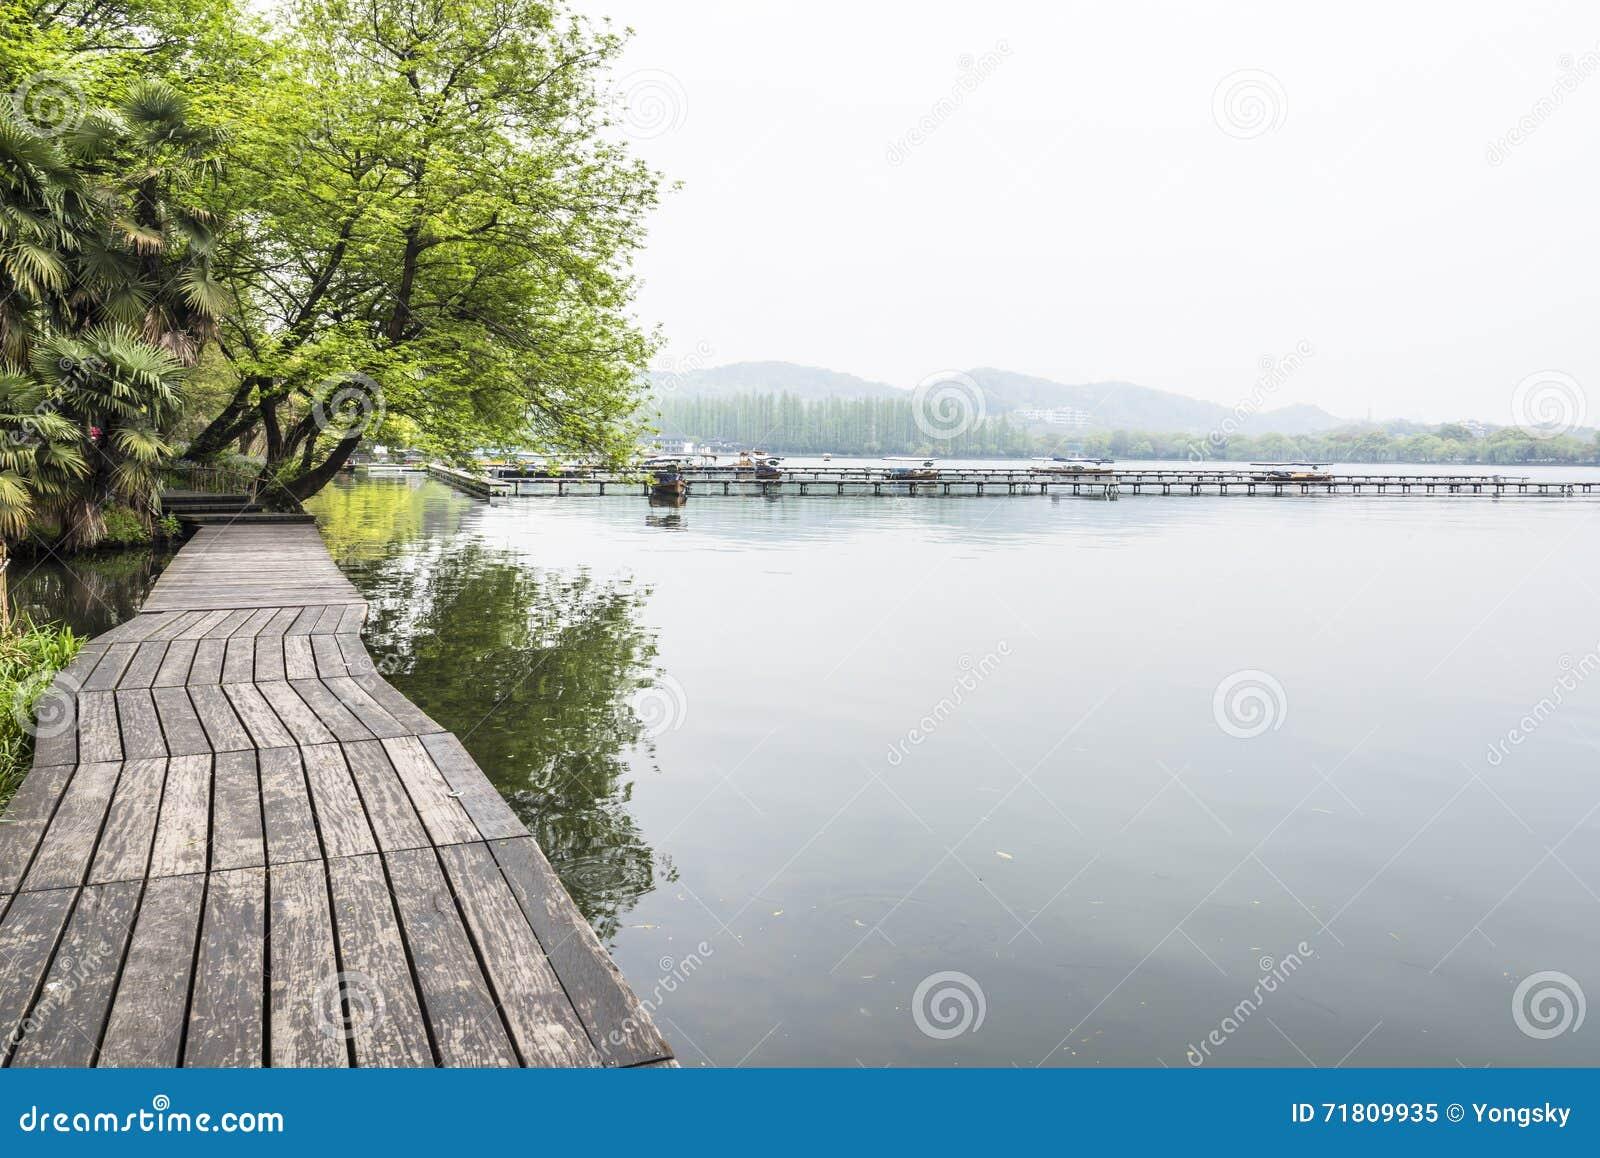 沿湖的木边路